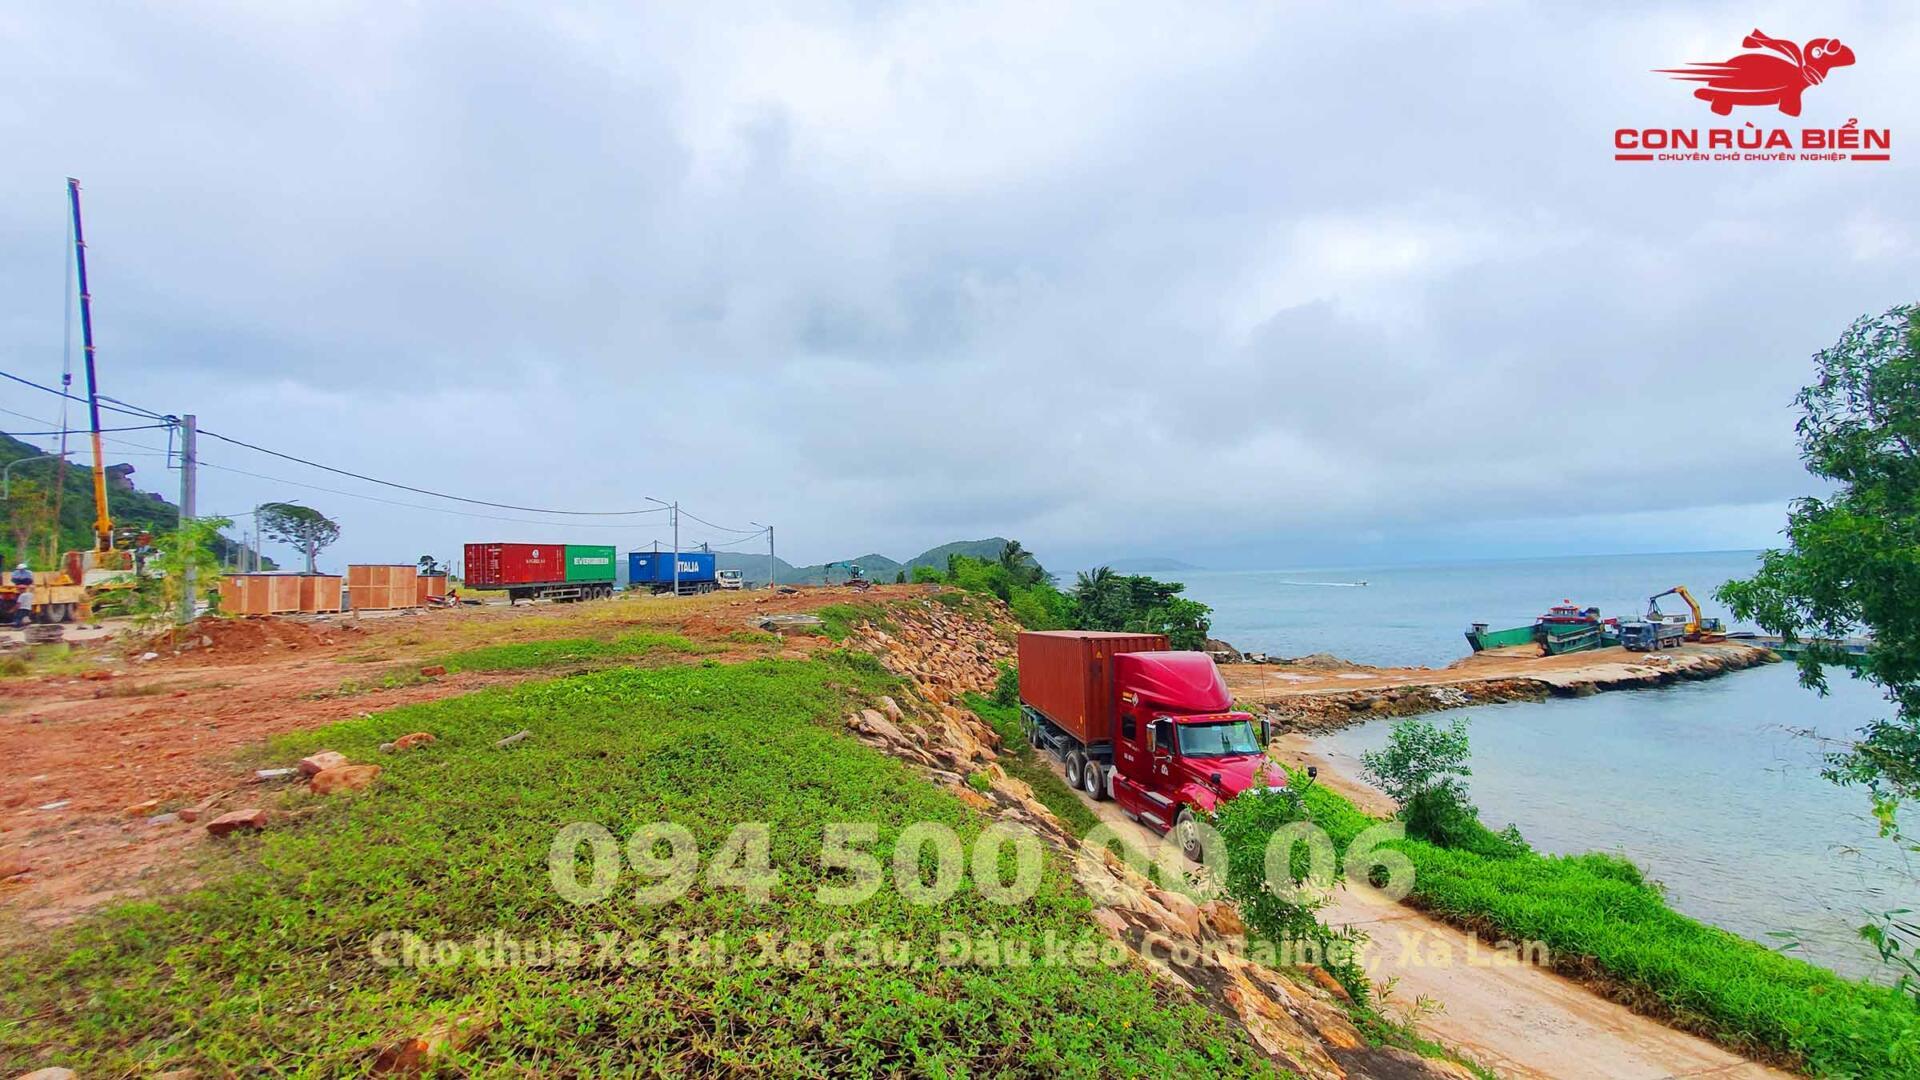 (Ảnh: Dự án vận chuyển 5 Container thiết bị cho Công trình Sun World Hòn Thơm; Trong ảnh là cảnh xe đầu kéo chở container nguyên seal vừa mới từ Phà leo lên cảng Hòn Thơm, các xe đầu kéo bắt đầu leo con dốc đầu tiên trên đảo Hòn Thơm)